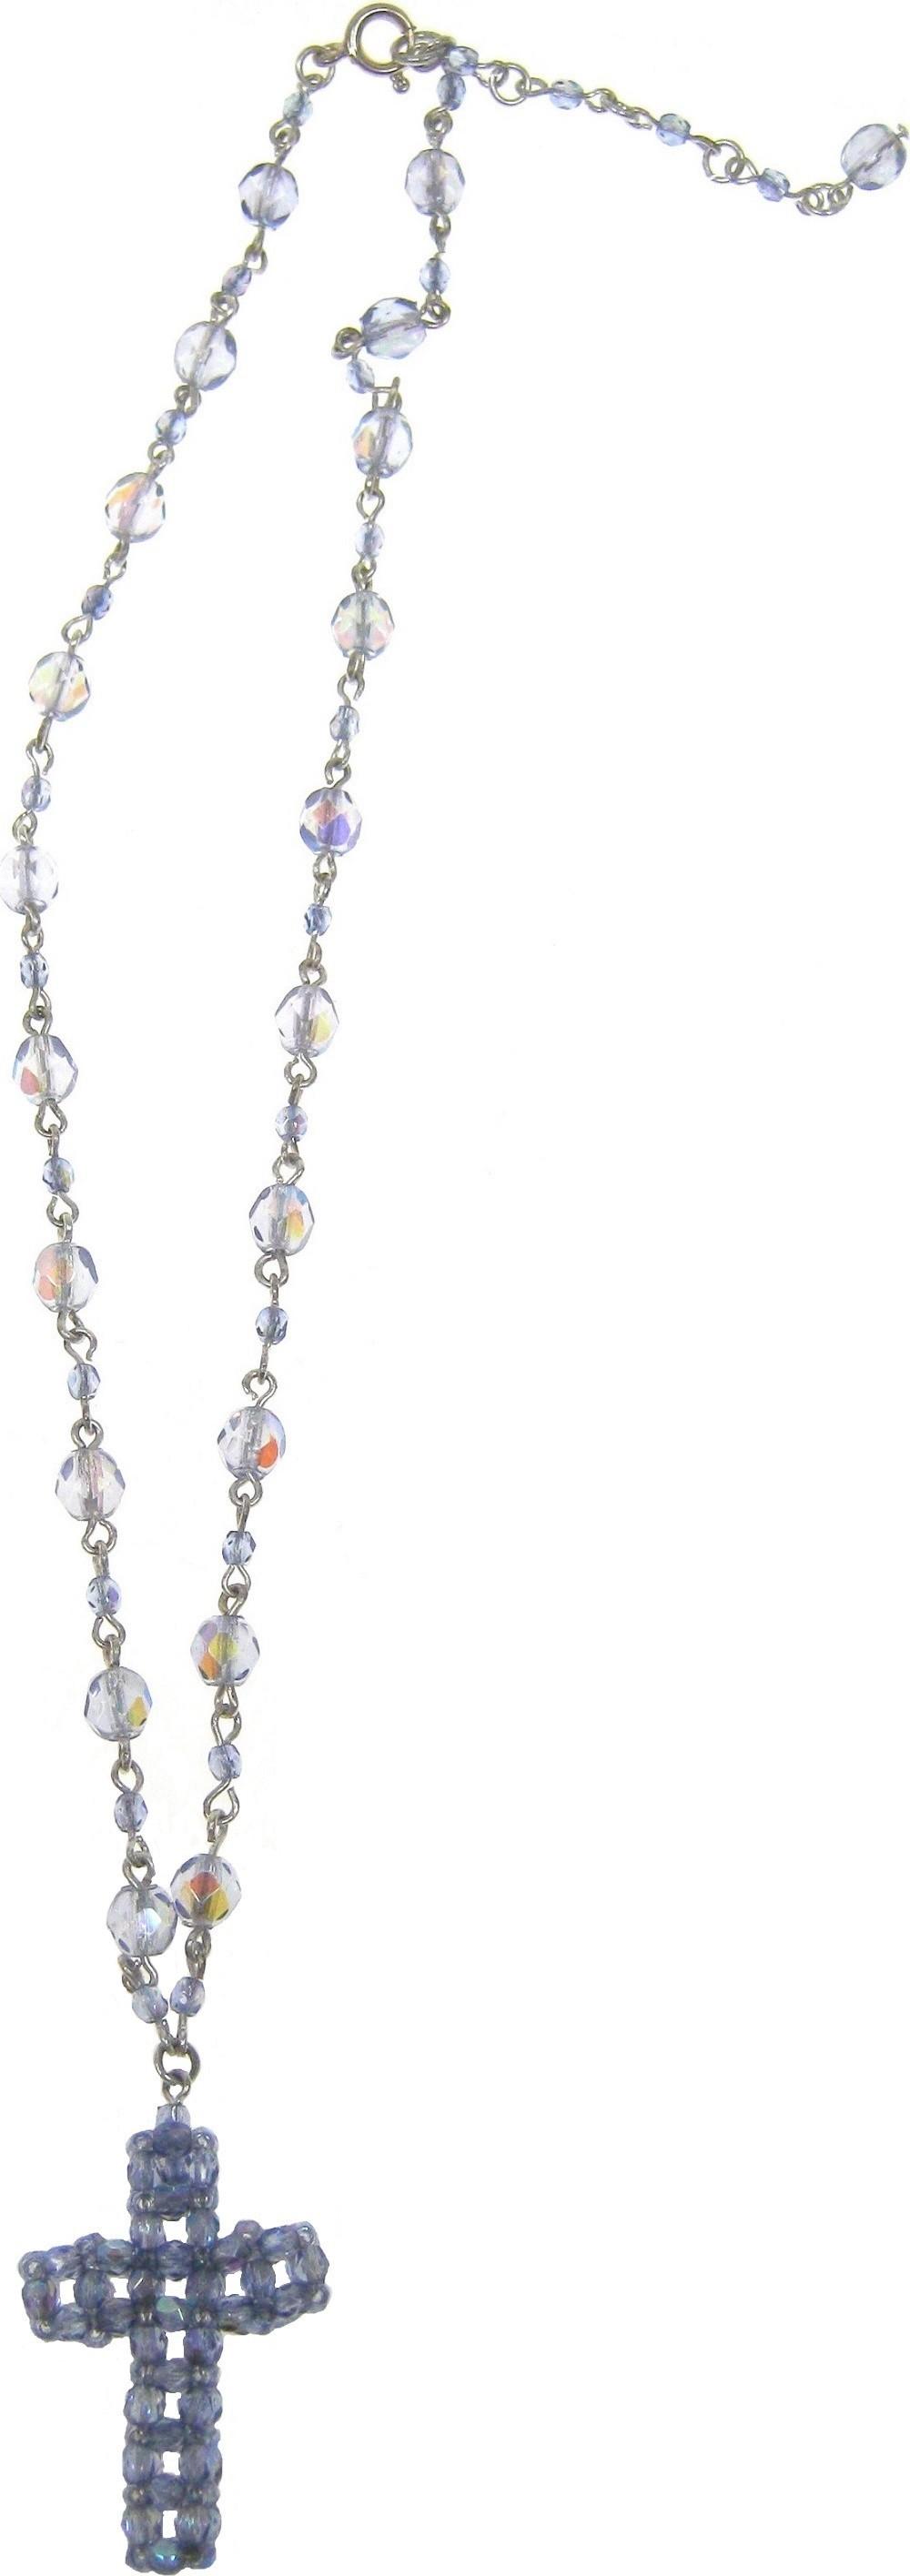 Bižuterie Náhrdelník stříbrný s modrými krystaly s přívěškem kříž 40 cm